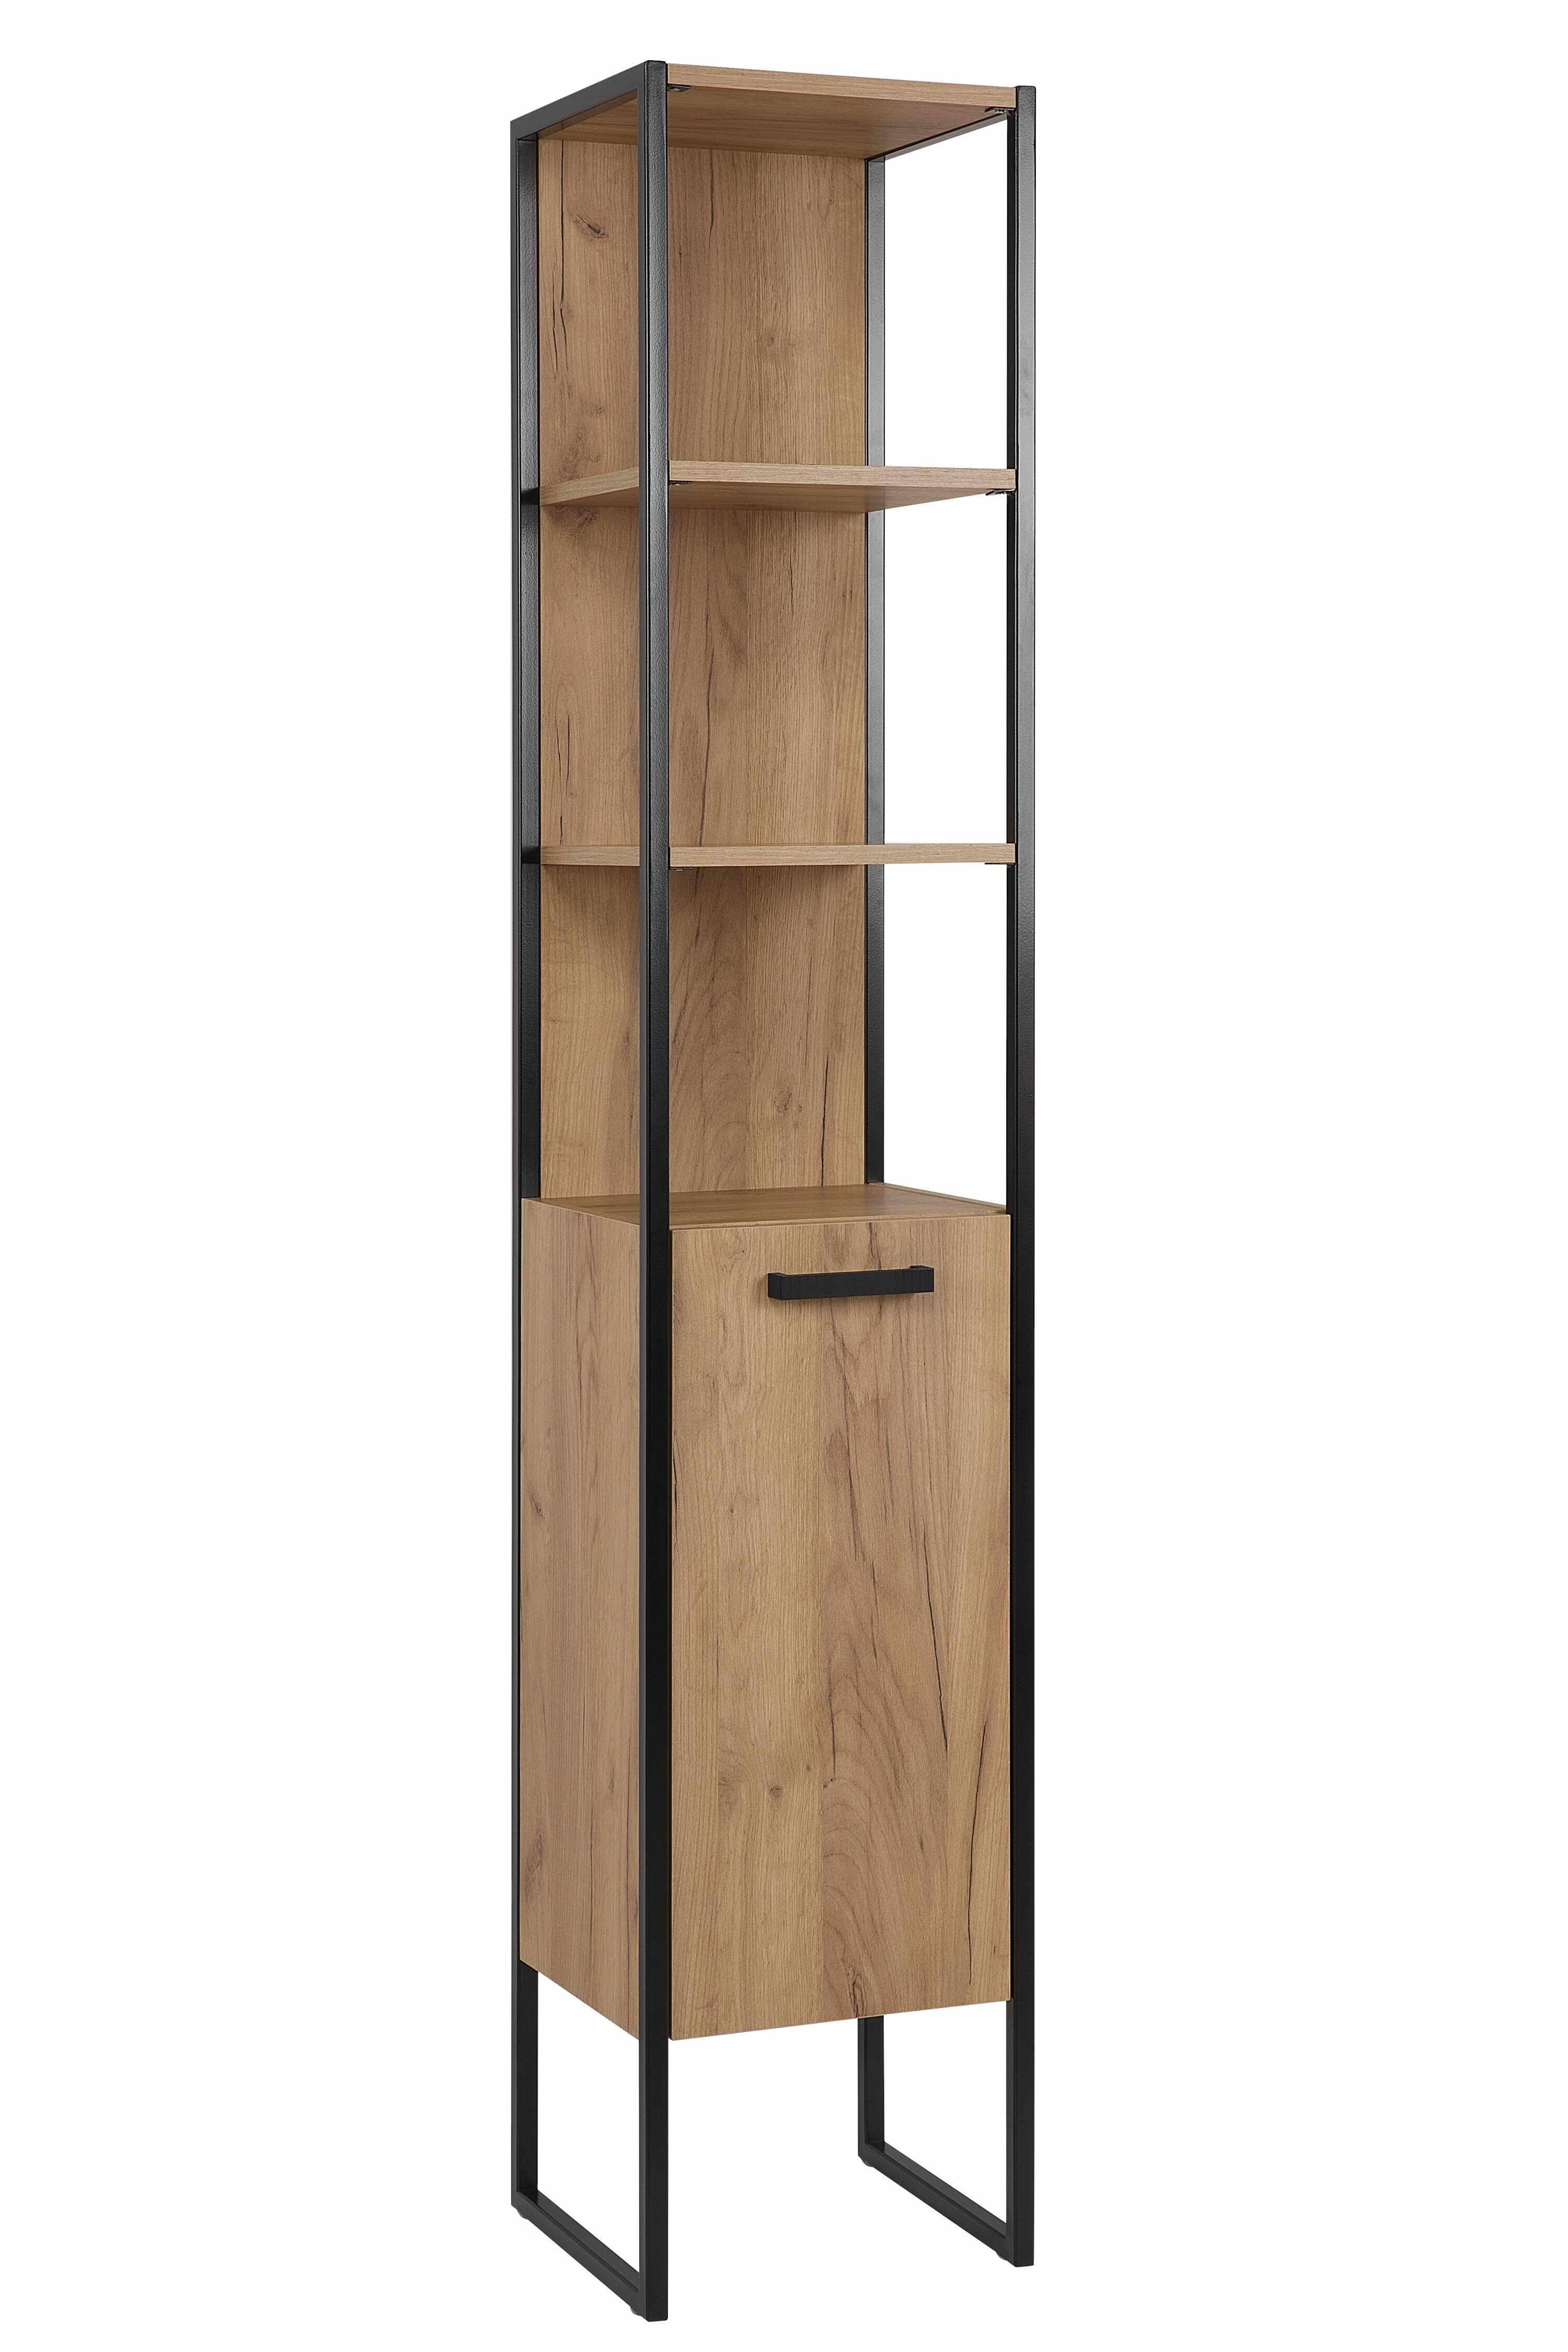 Dulap baie inalt cu 1 usa si rafturi, Brooklin, l35xA33xH185 cm la pret 1223 lei